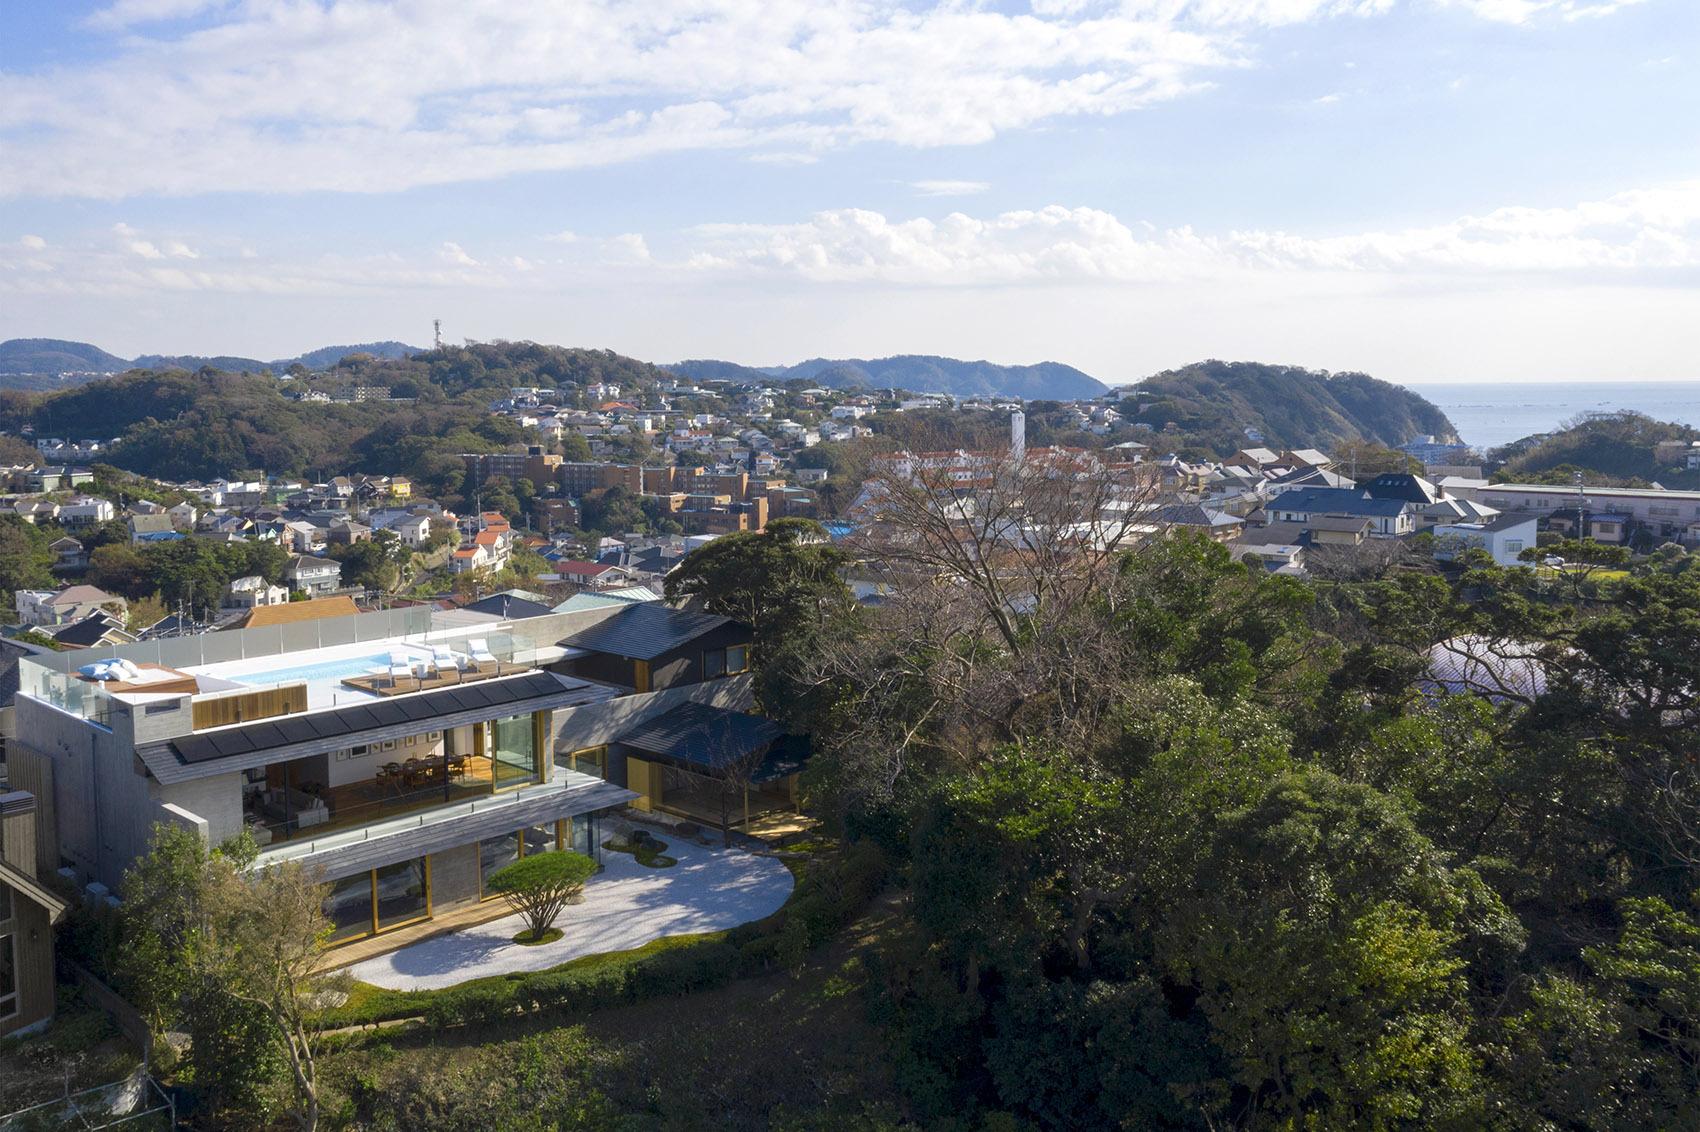 CUBO T3住宅 体验抚慰人心的日式美学